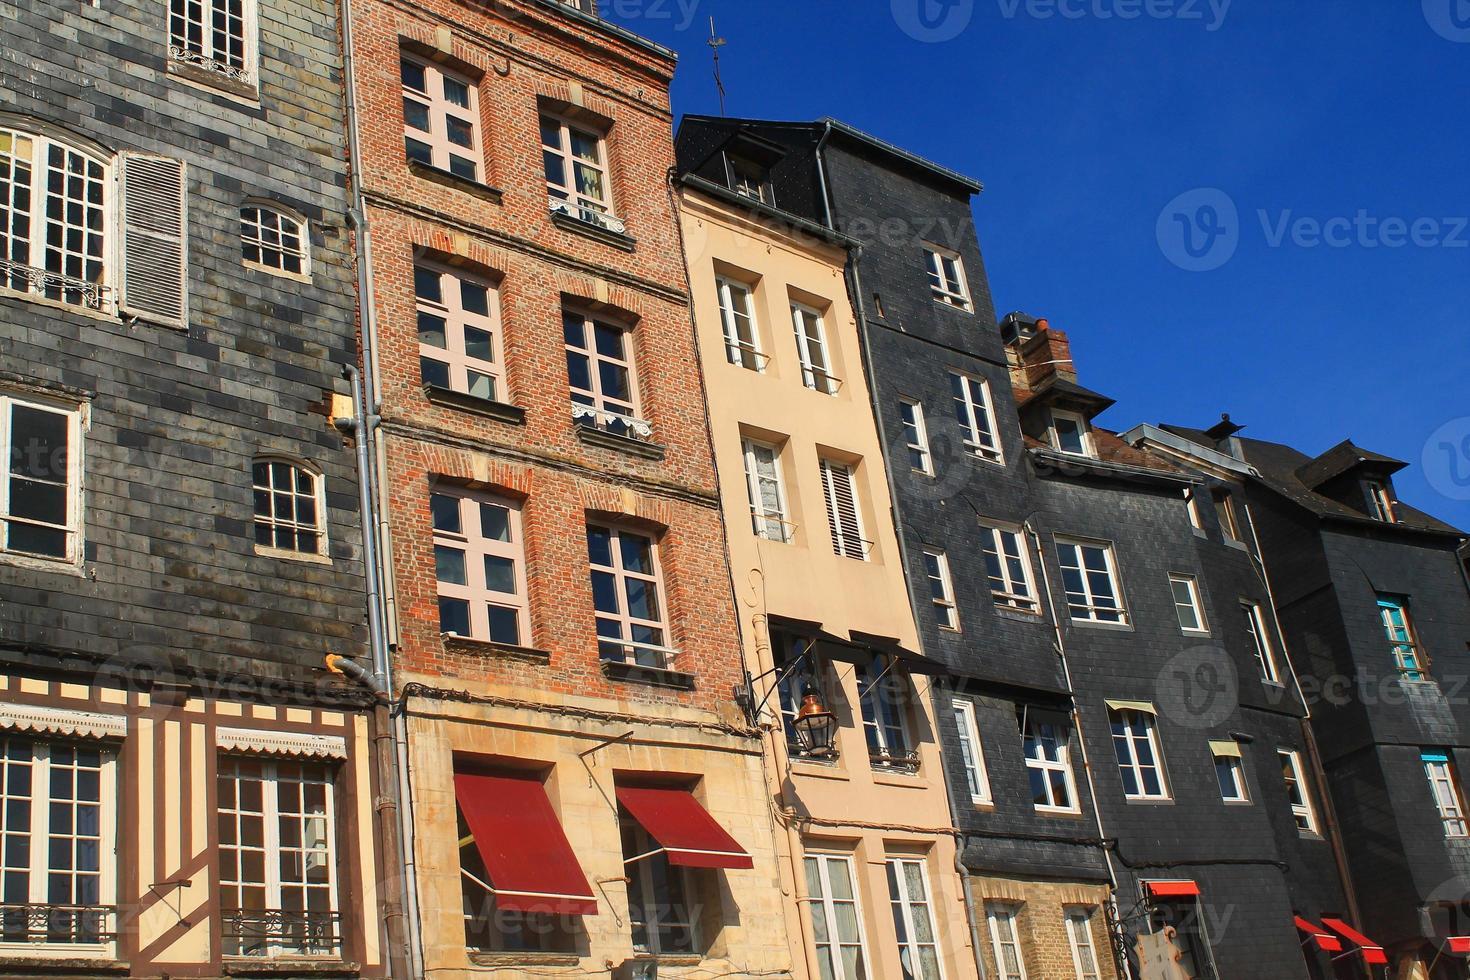 façades d'ardoise au vieux bassin d'honfleur, Frankrike foto